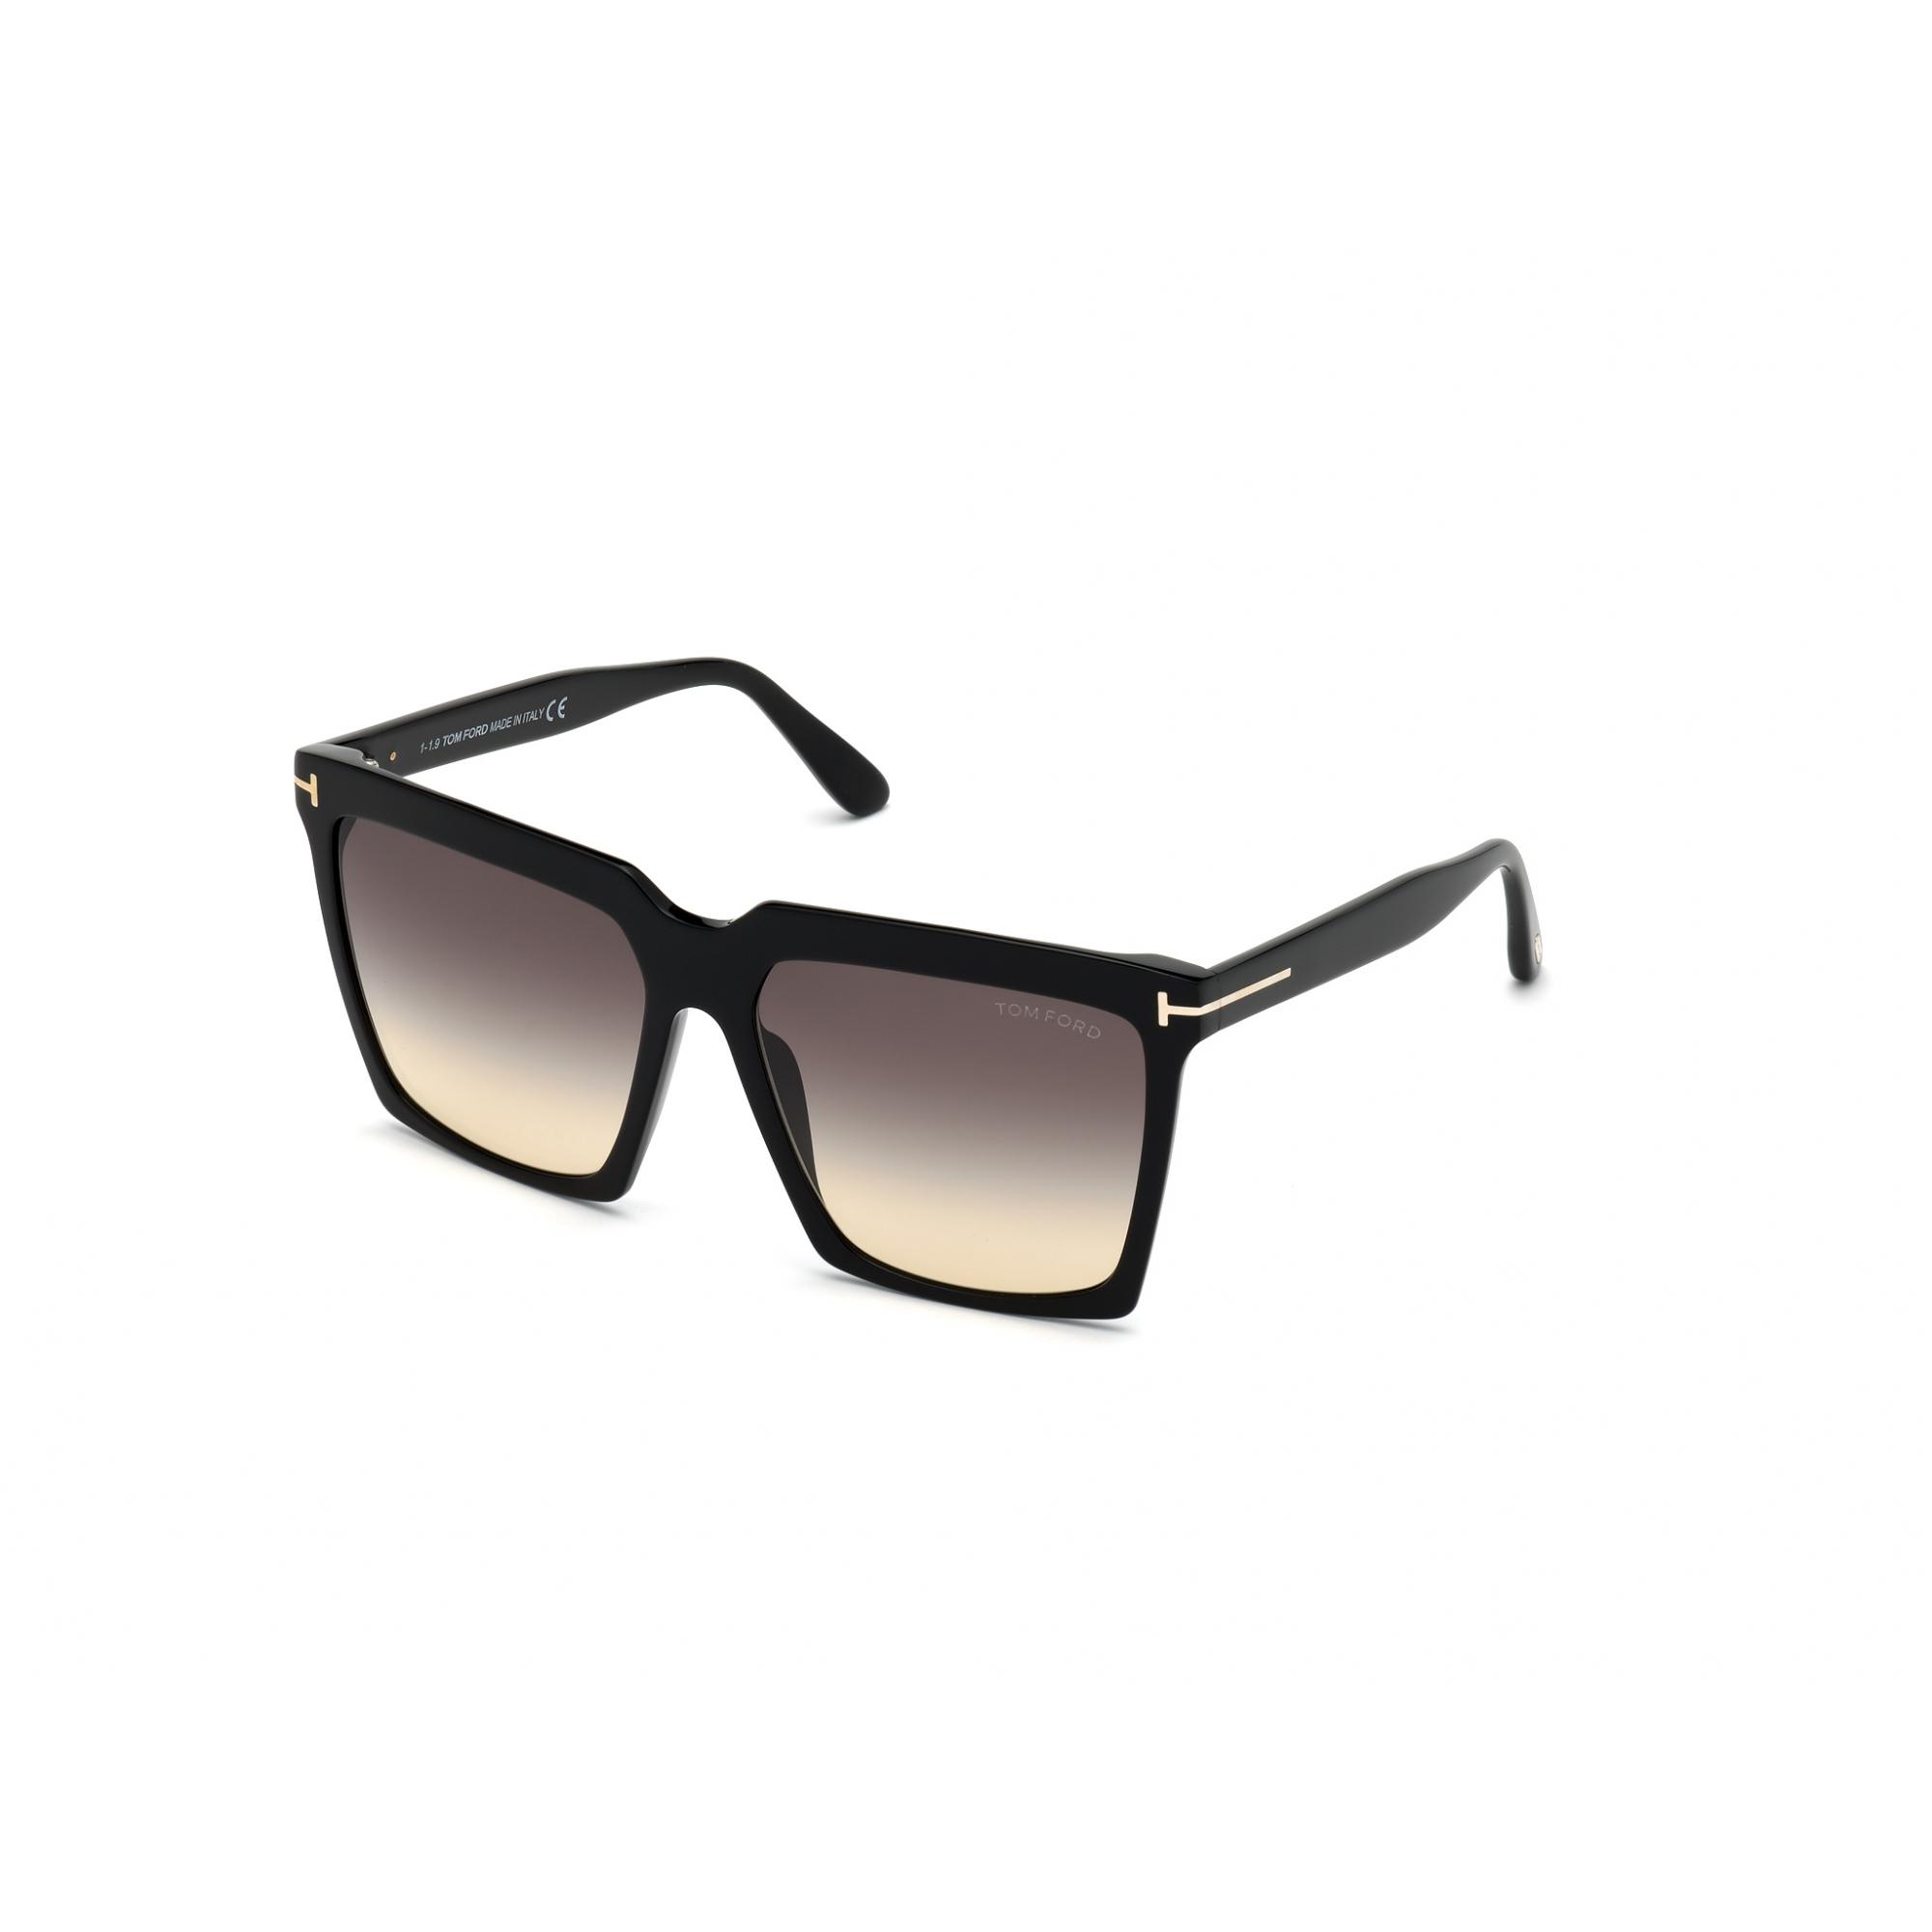 Óculos de Sol Tom Ford FT0764 01B 58